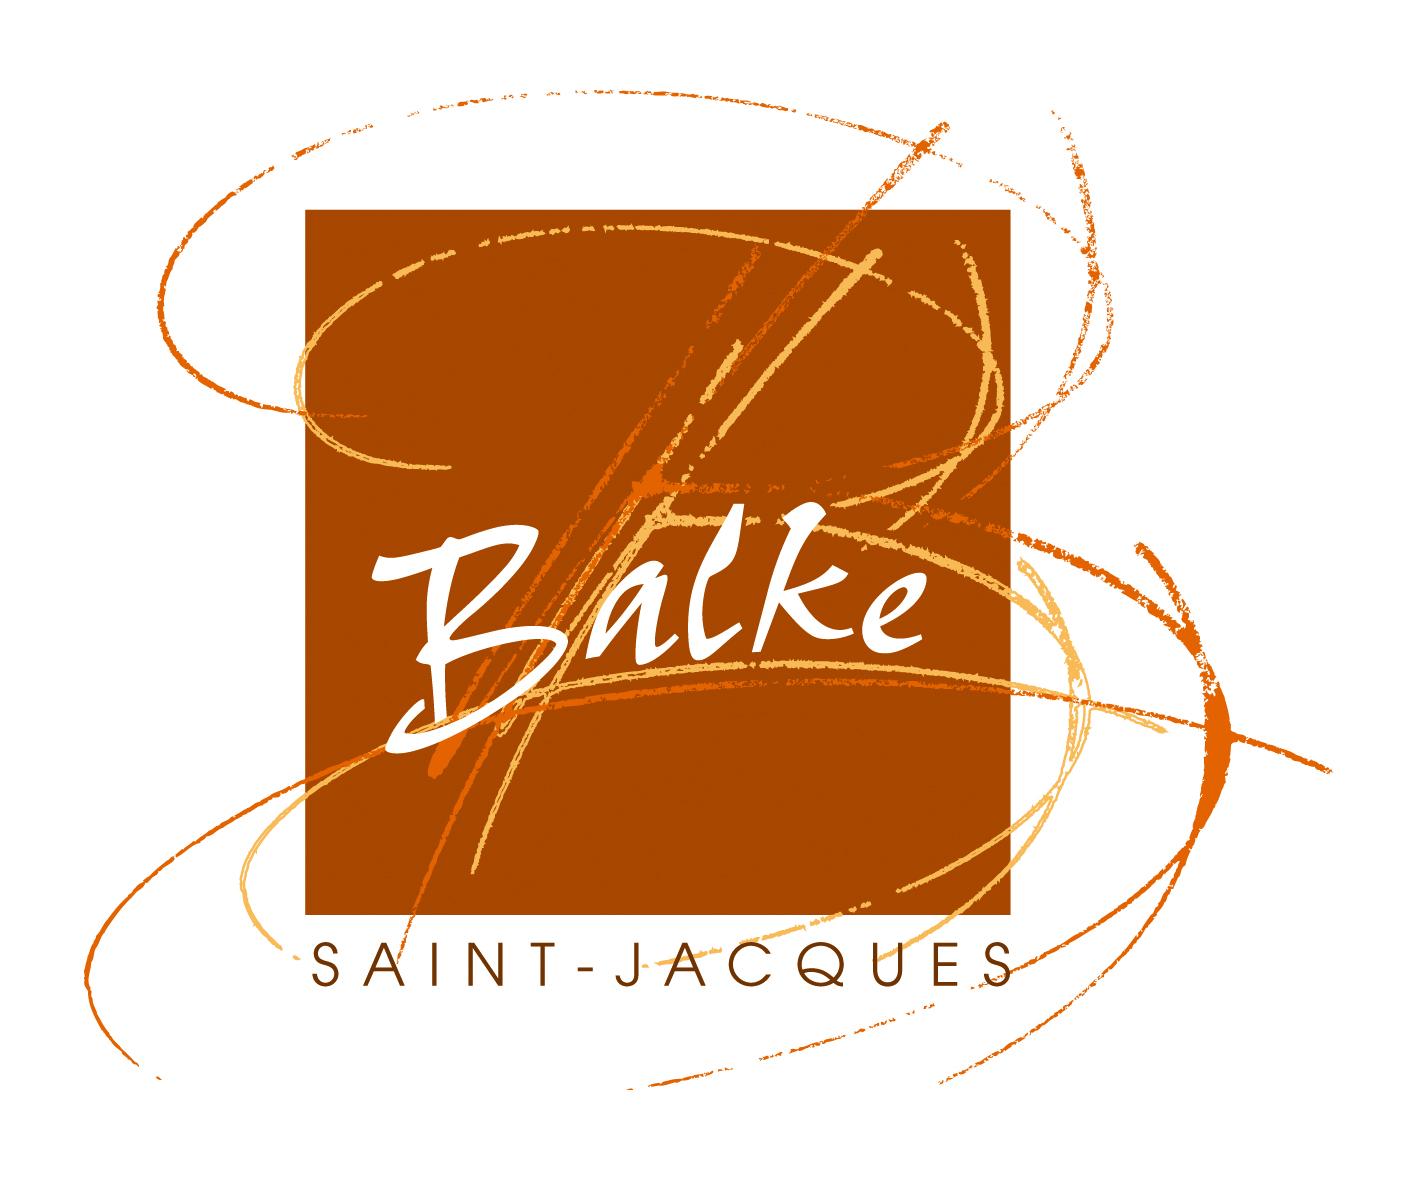 BALKE saint-jacques classicofrenzy.com